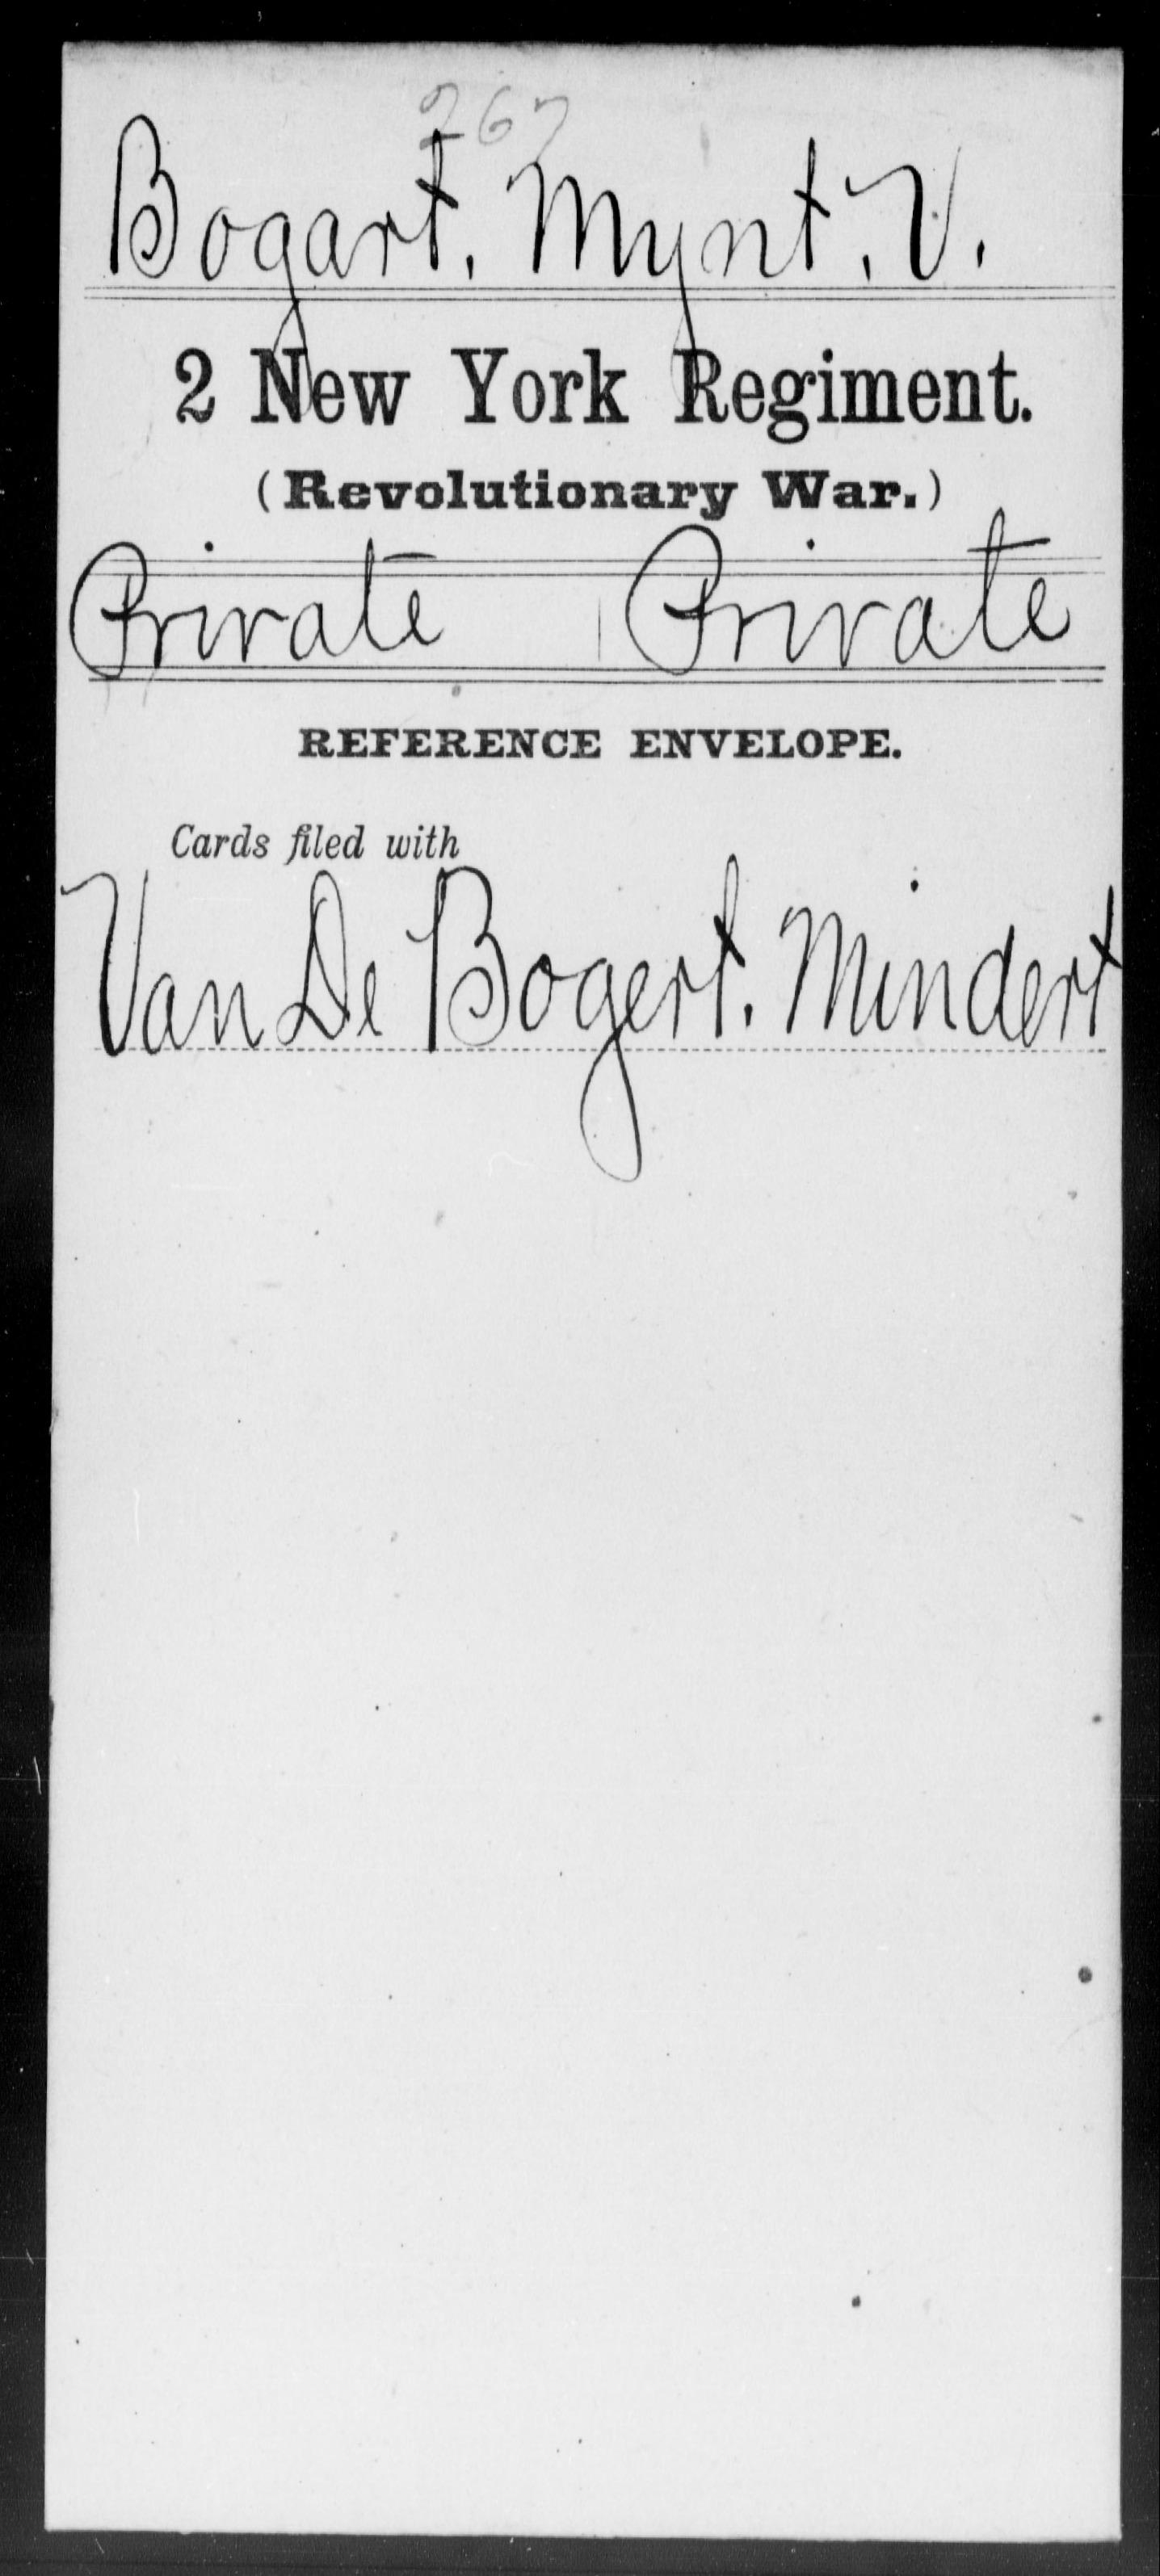 Bogart, Mynt V - New York - Second Regiment